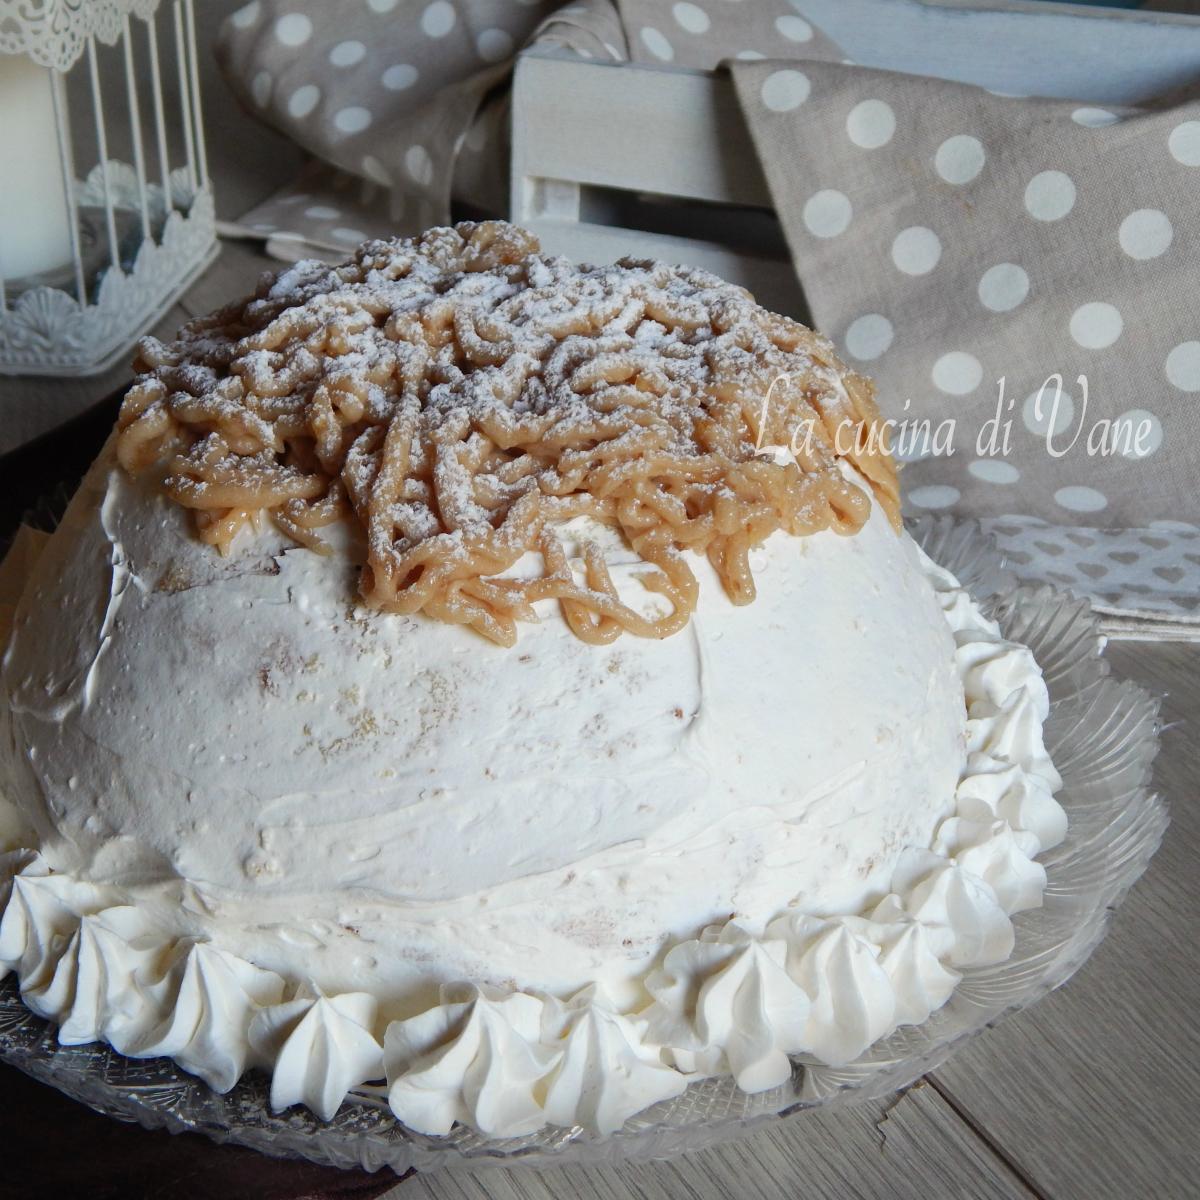 zuccotto-mont-blanc